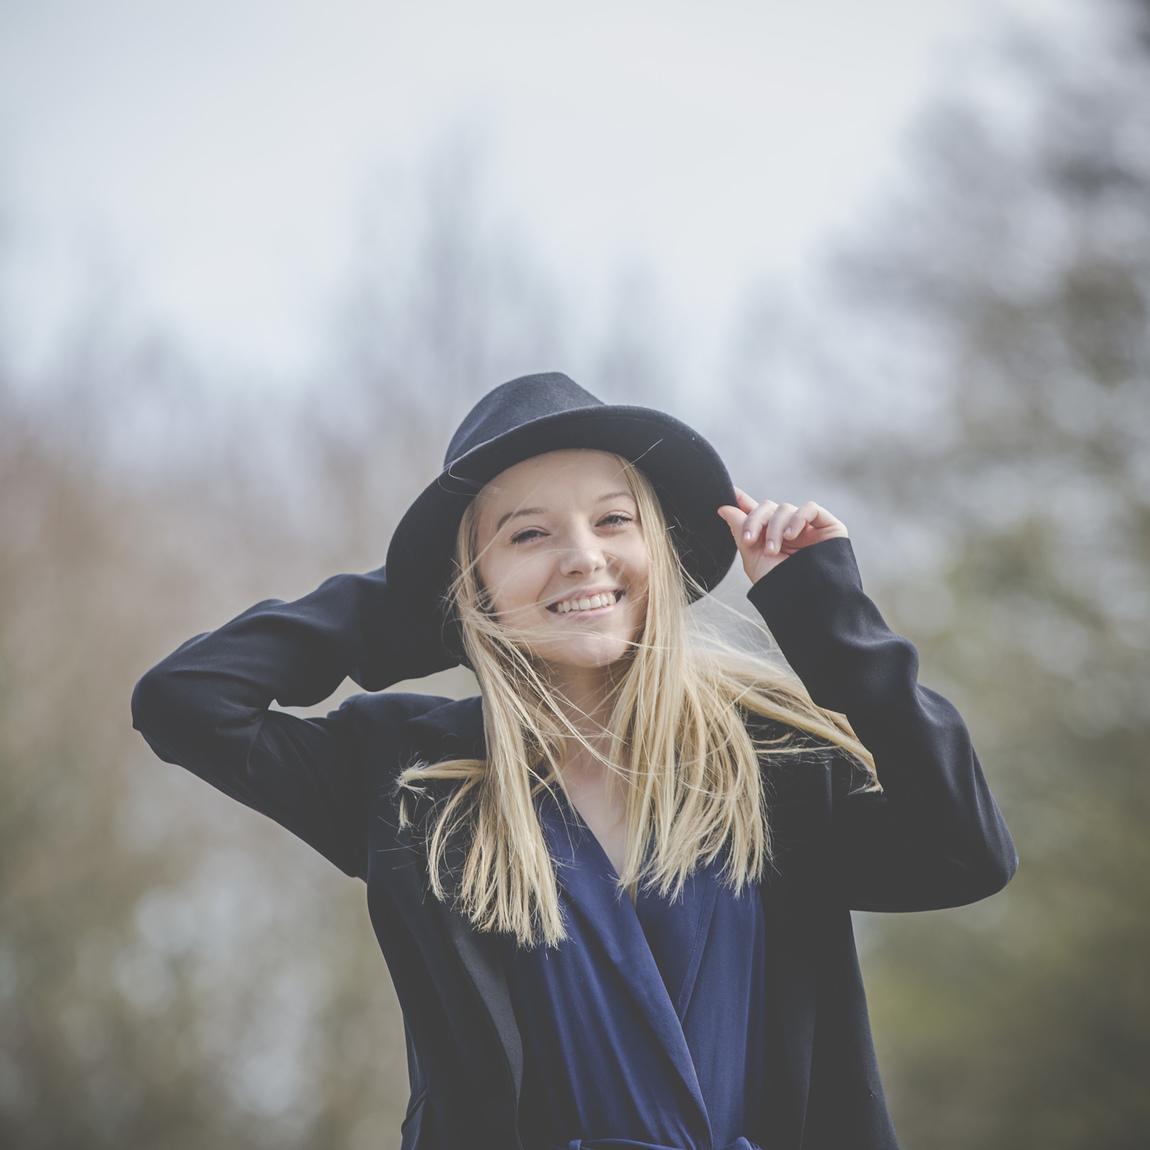 Lotta Gyllensten - Porträtt- Business, Företag